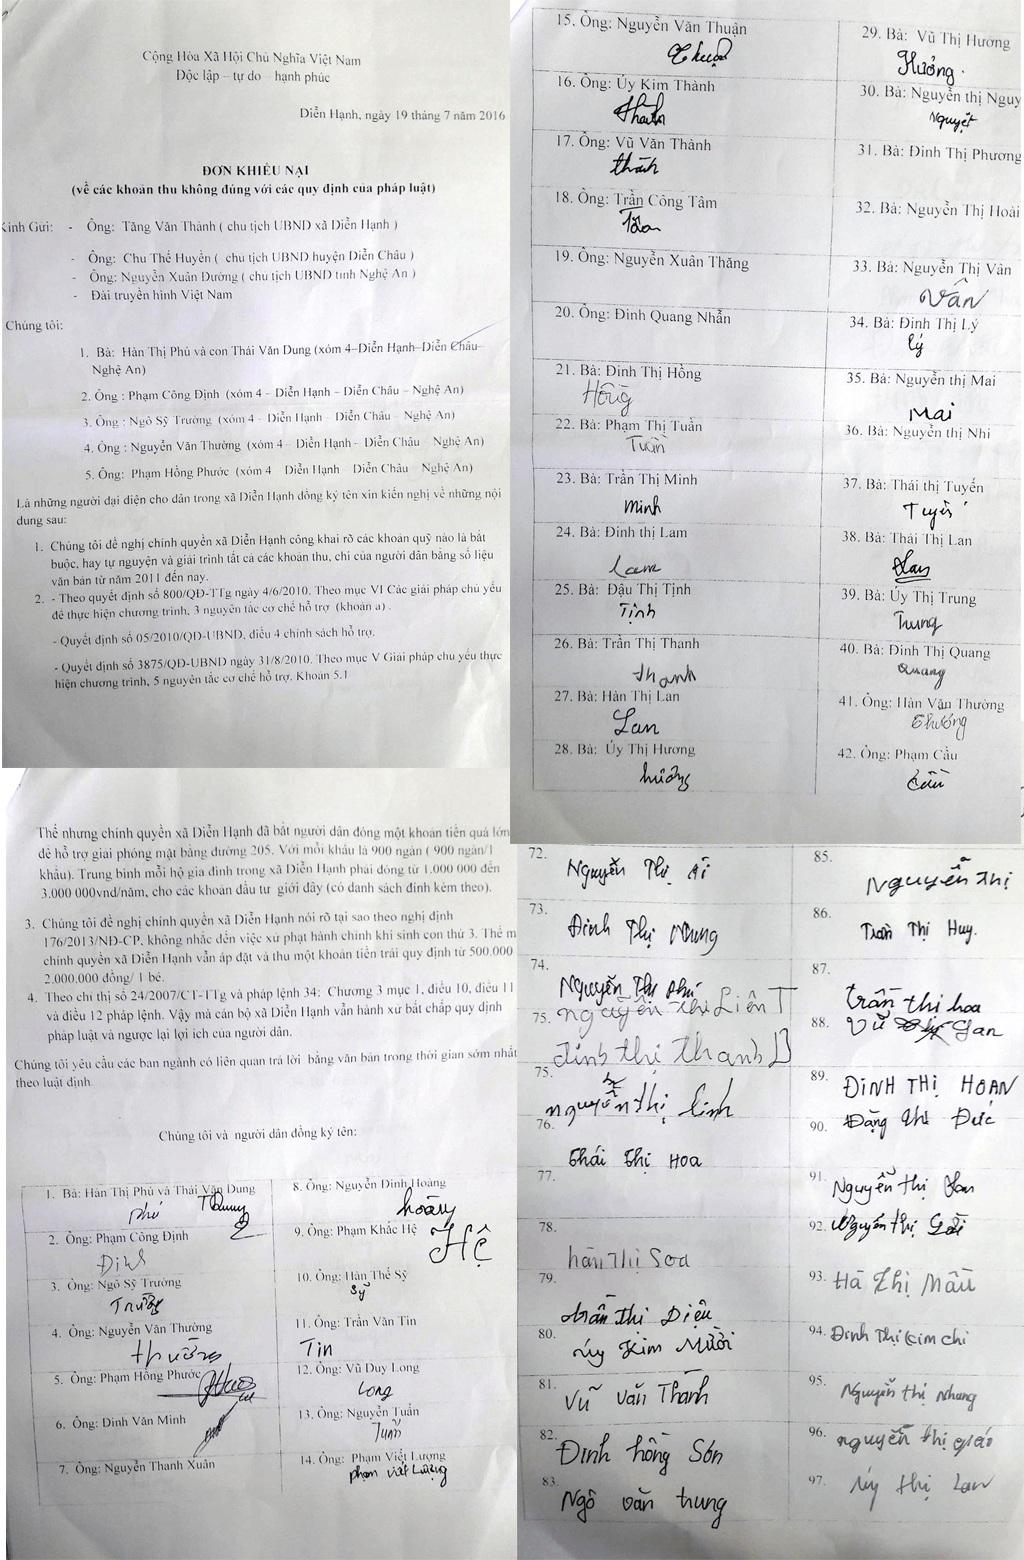 Đơn thư 97 hộ dân gửi PV Báo Dân trí.